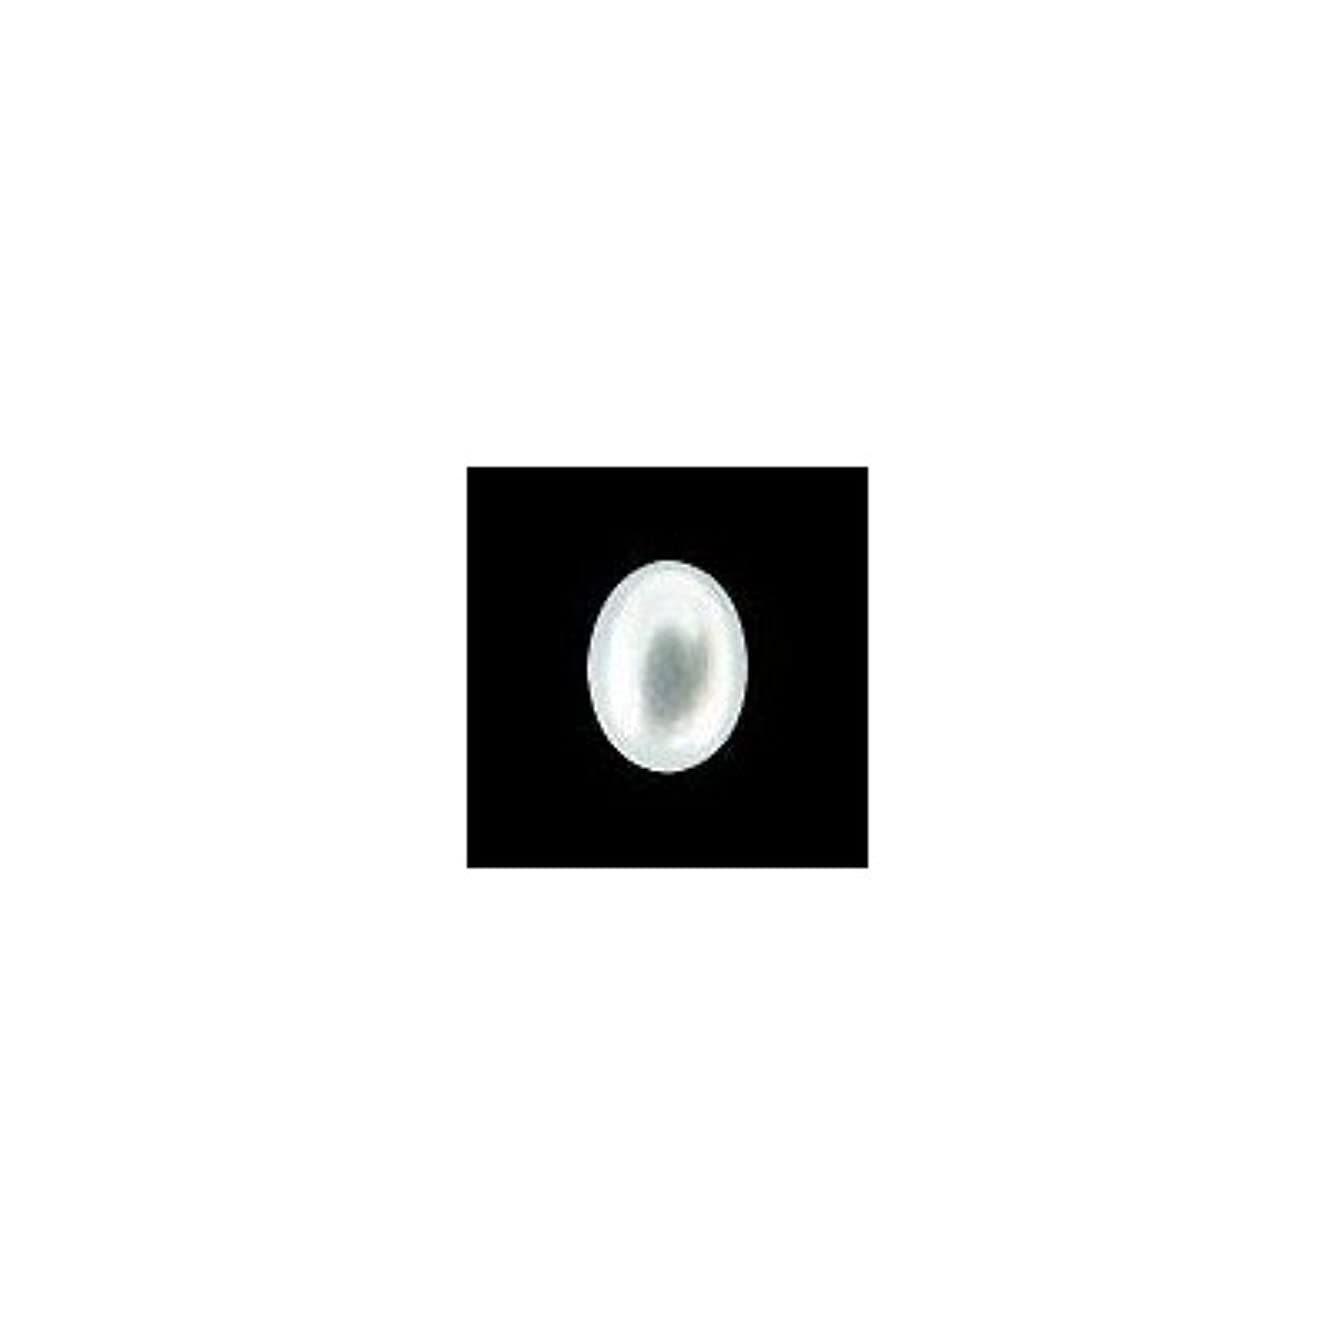 唯物論会員ボウルピアドラ 大粒パール オーバル(7×5)24P